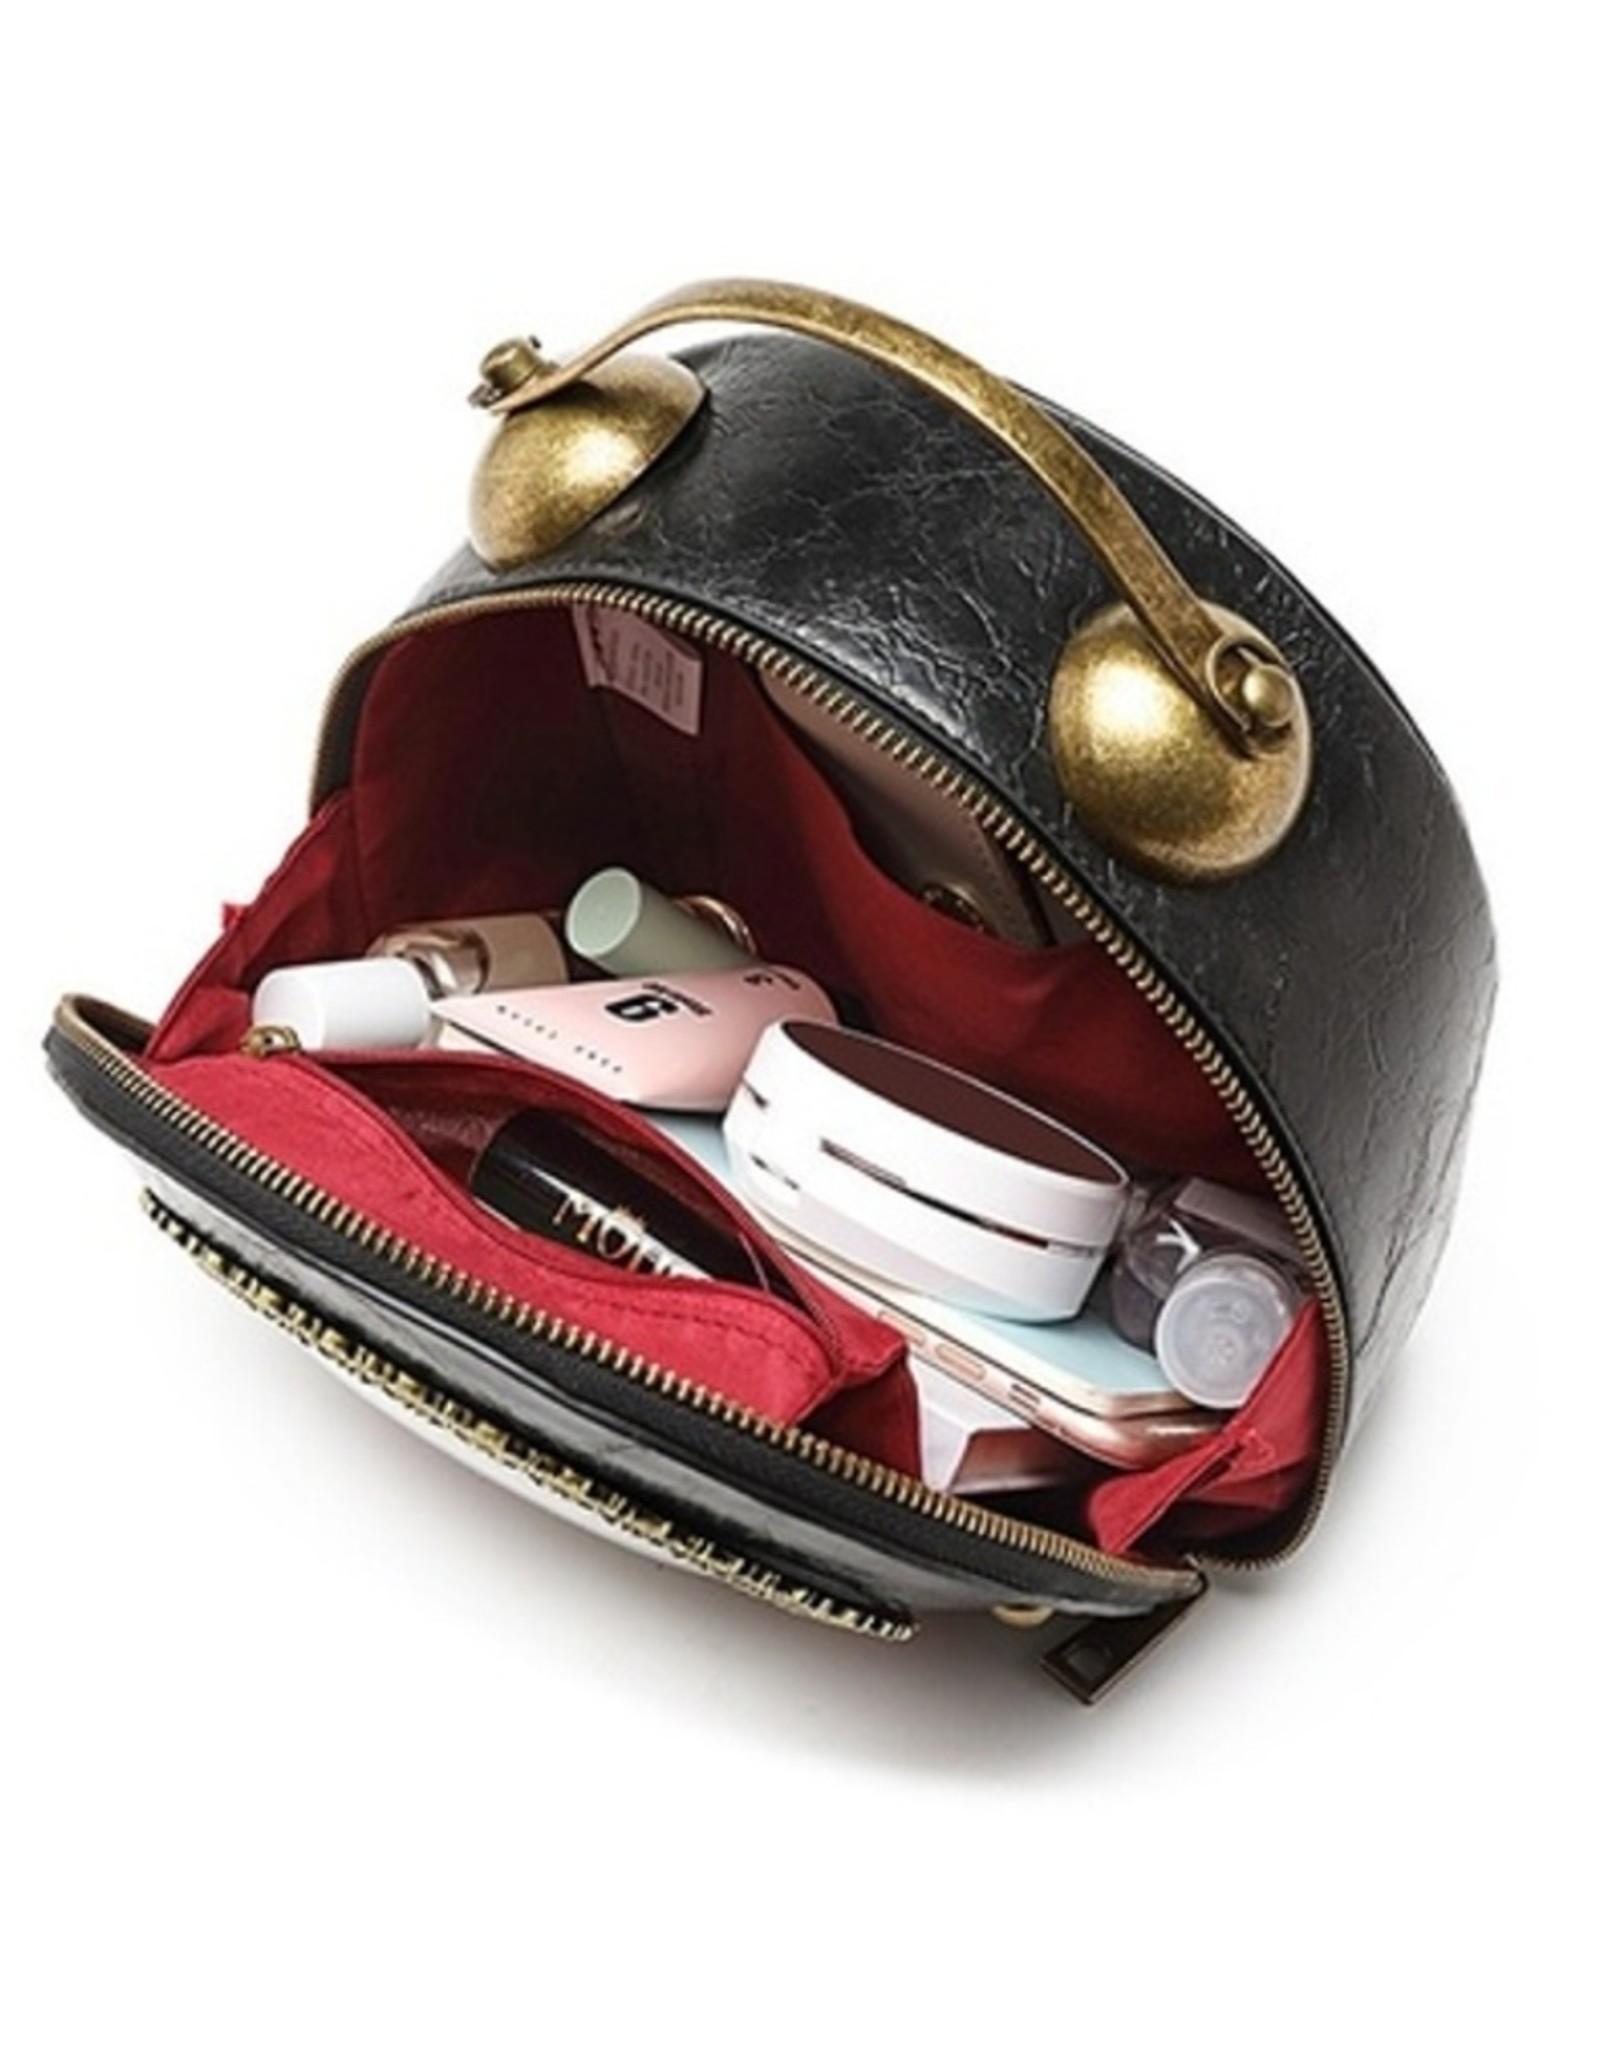 Magic Bags Steampunk tassen Gotic tassen - Steampunk Vintage Klok handtas met werkende Klok (zwart-rood)